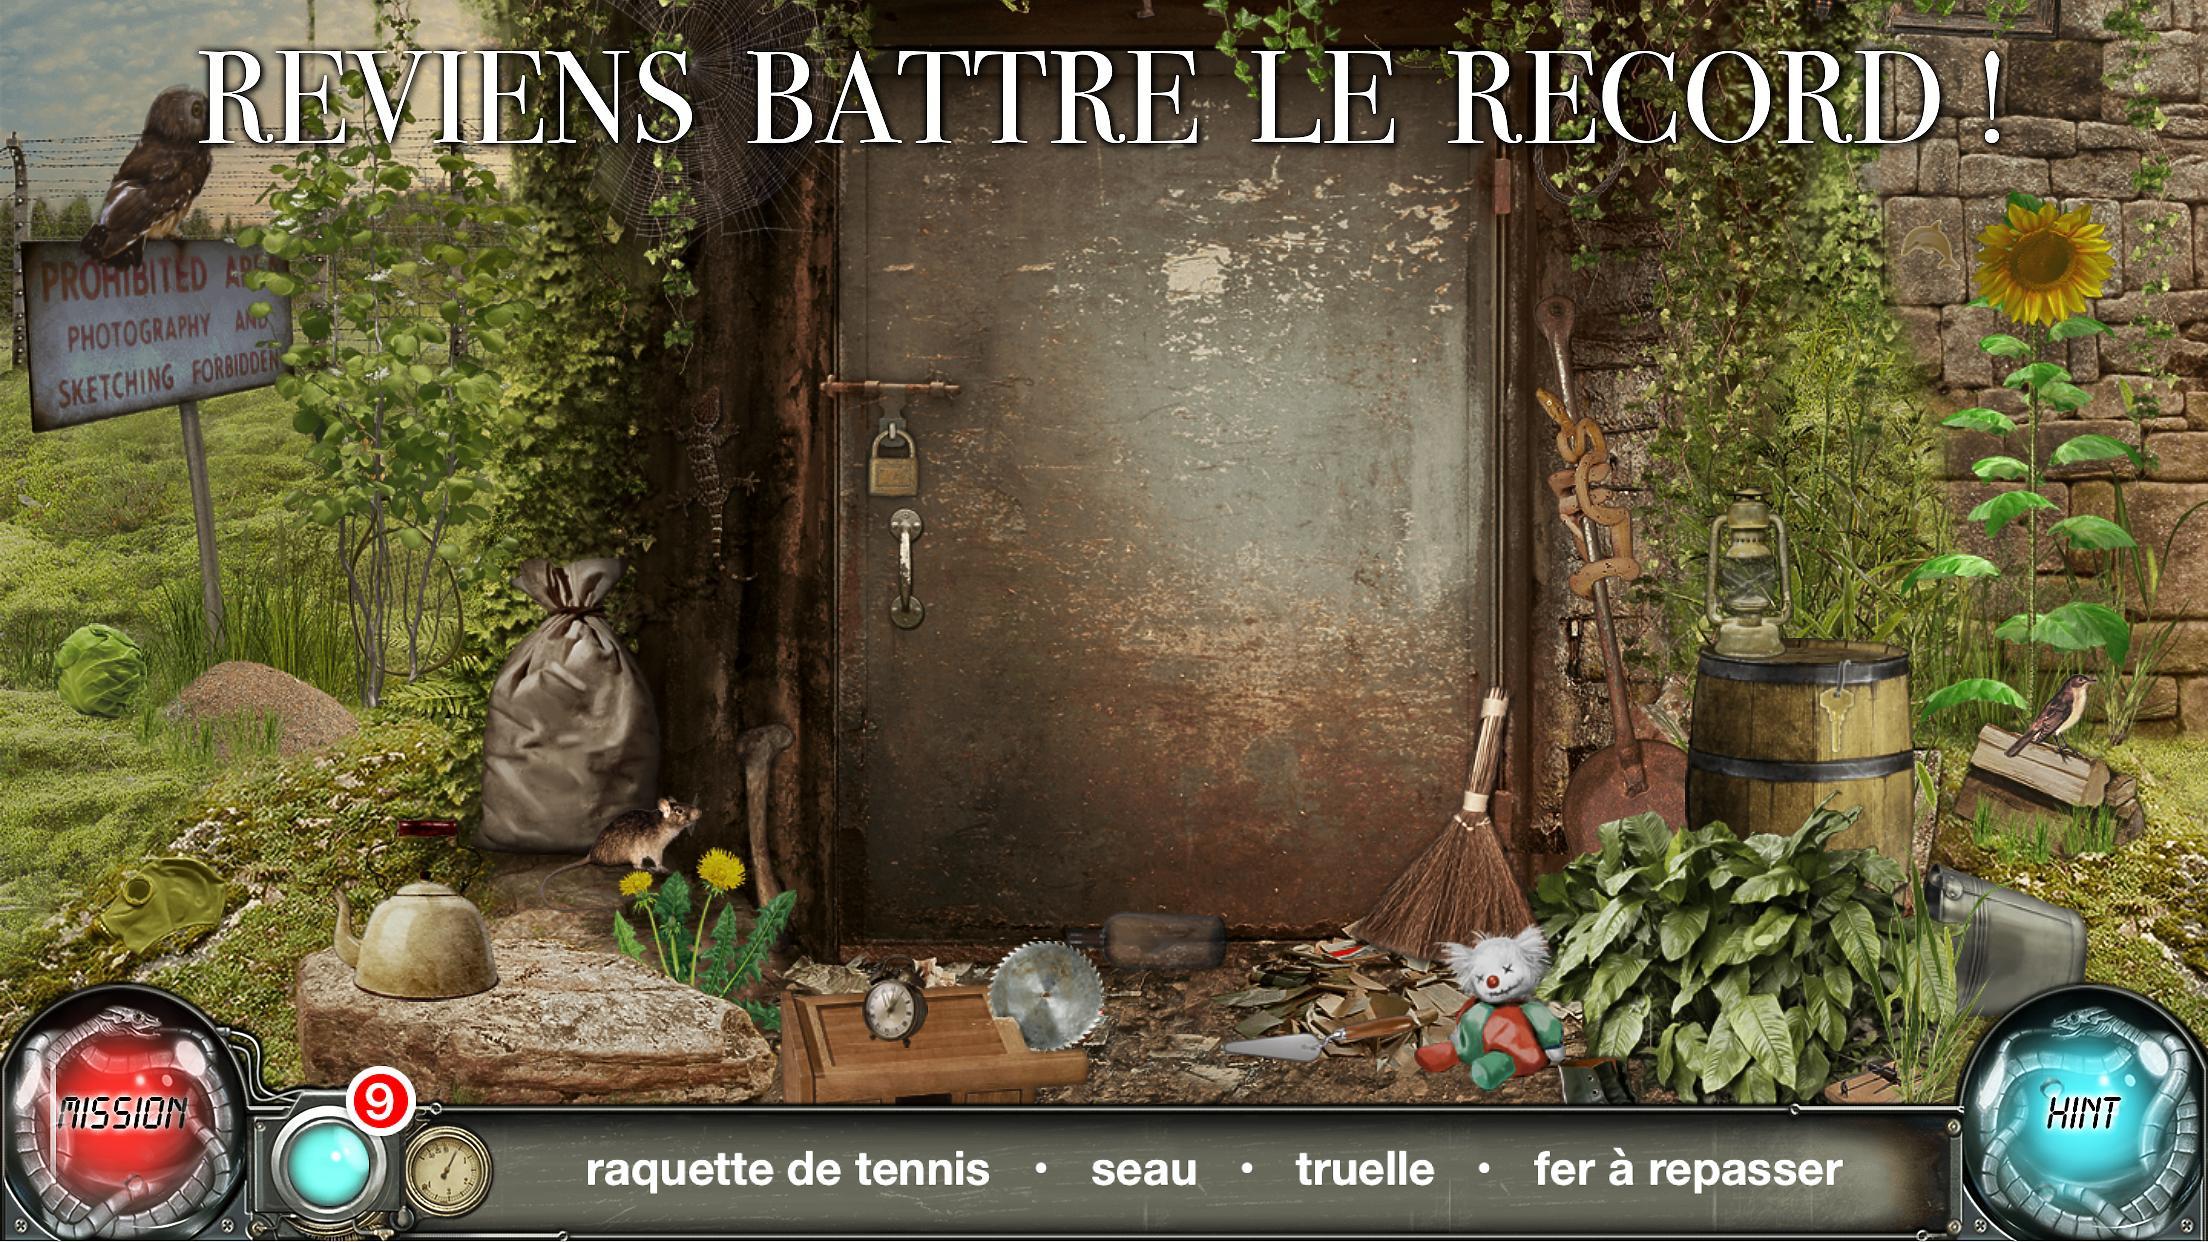 Objet Caché - Time Trap. Jeux Gratuits En Francais Pour tout Jeux Gratuits En Francais